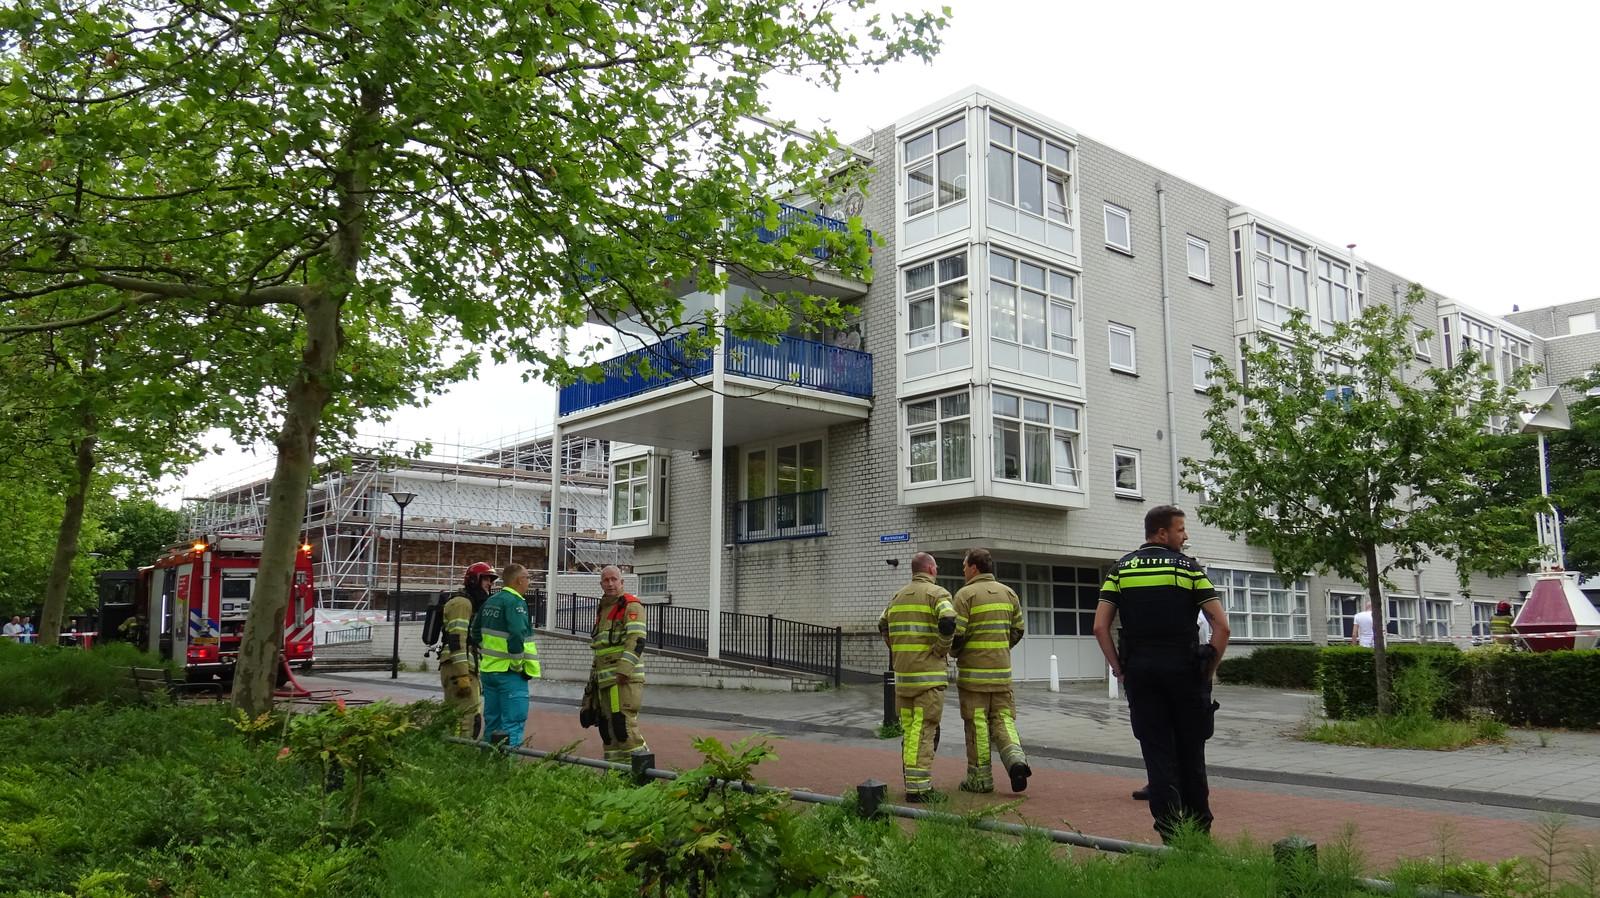 Brandje bij de Uiterton in Lelystad.